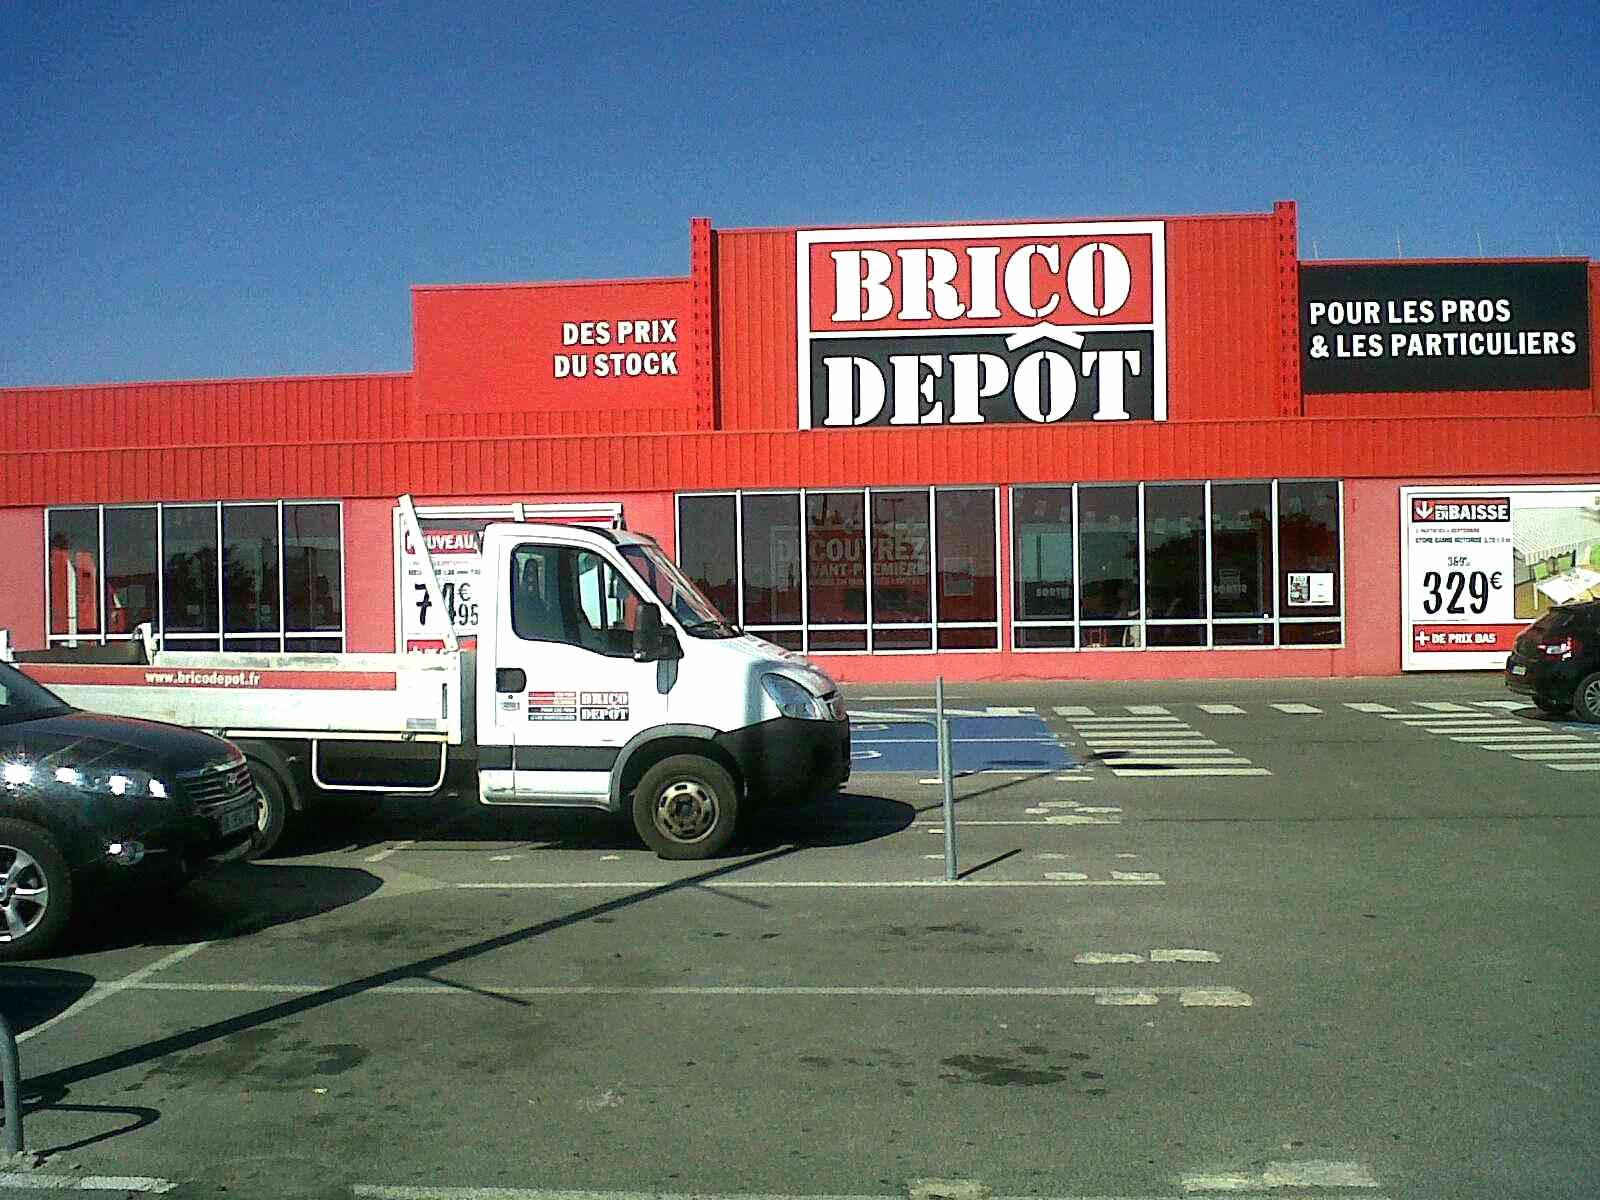 peinture pas cher brico depot beau support tv simple incroyable longwy peinture pas cher brico depot luxe meuble cuisine bali dimension de leroy of